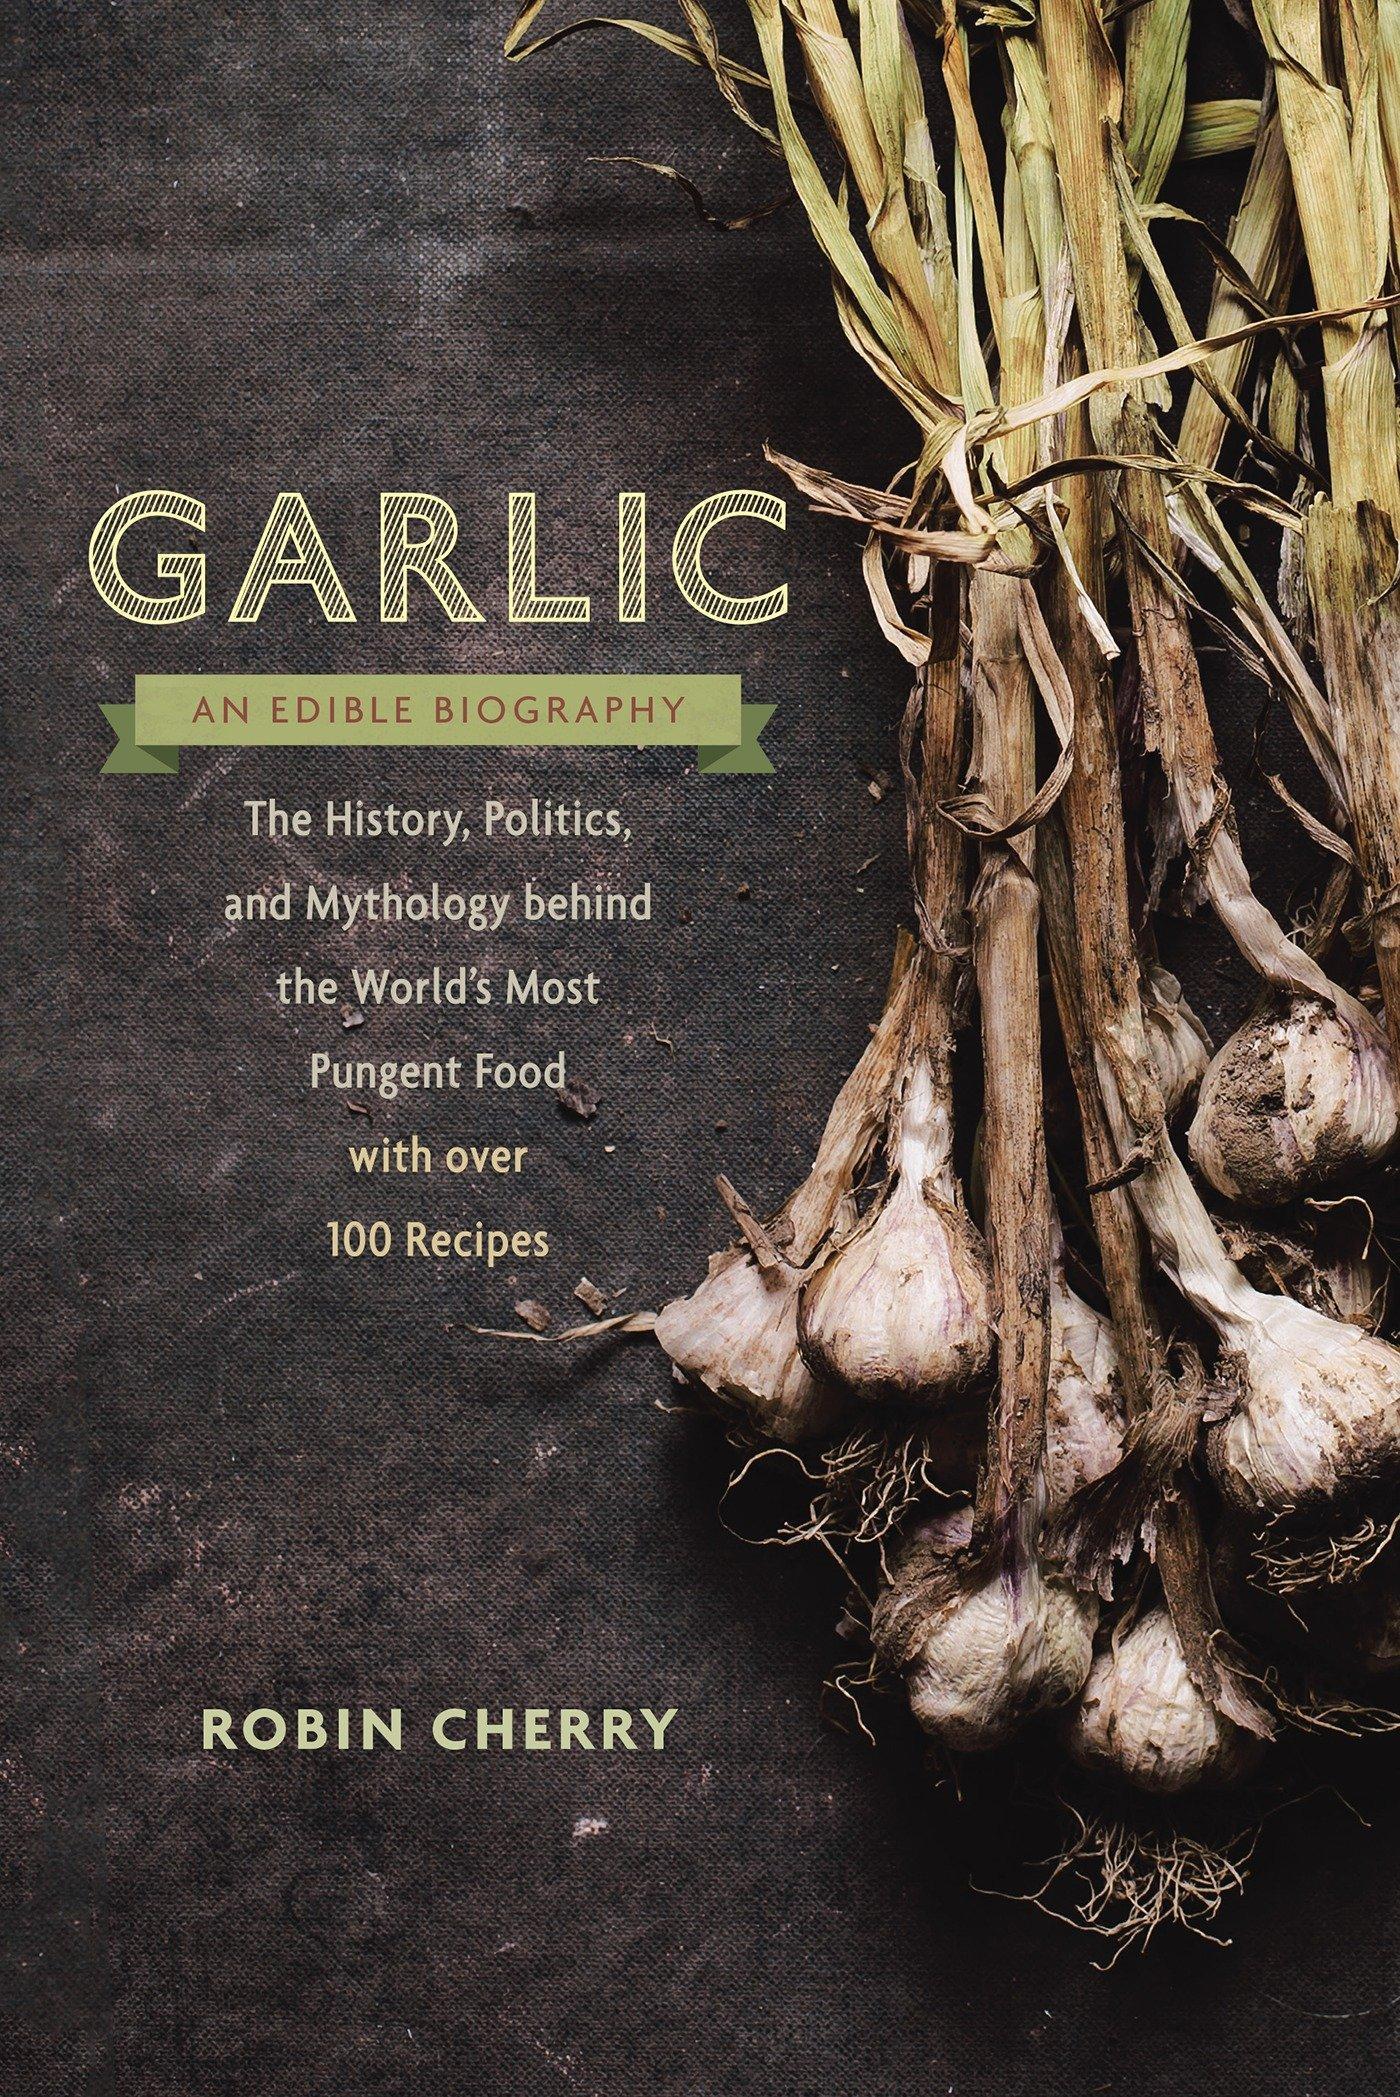 Garlic, an Edible Biography